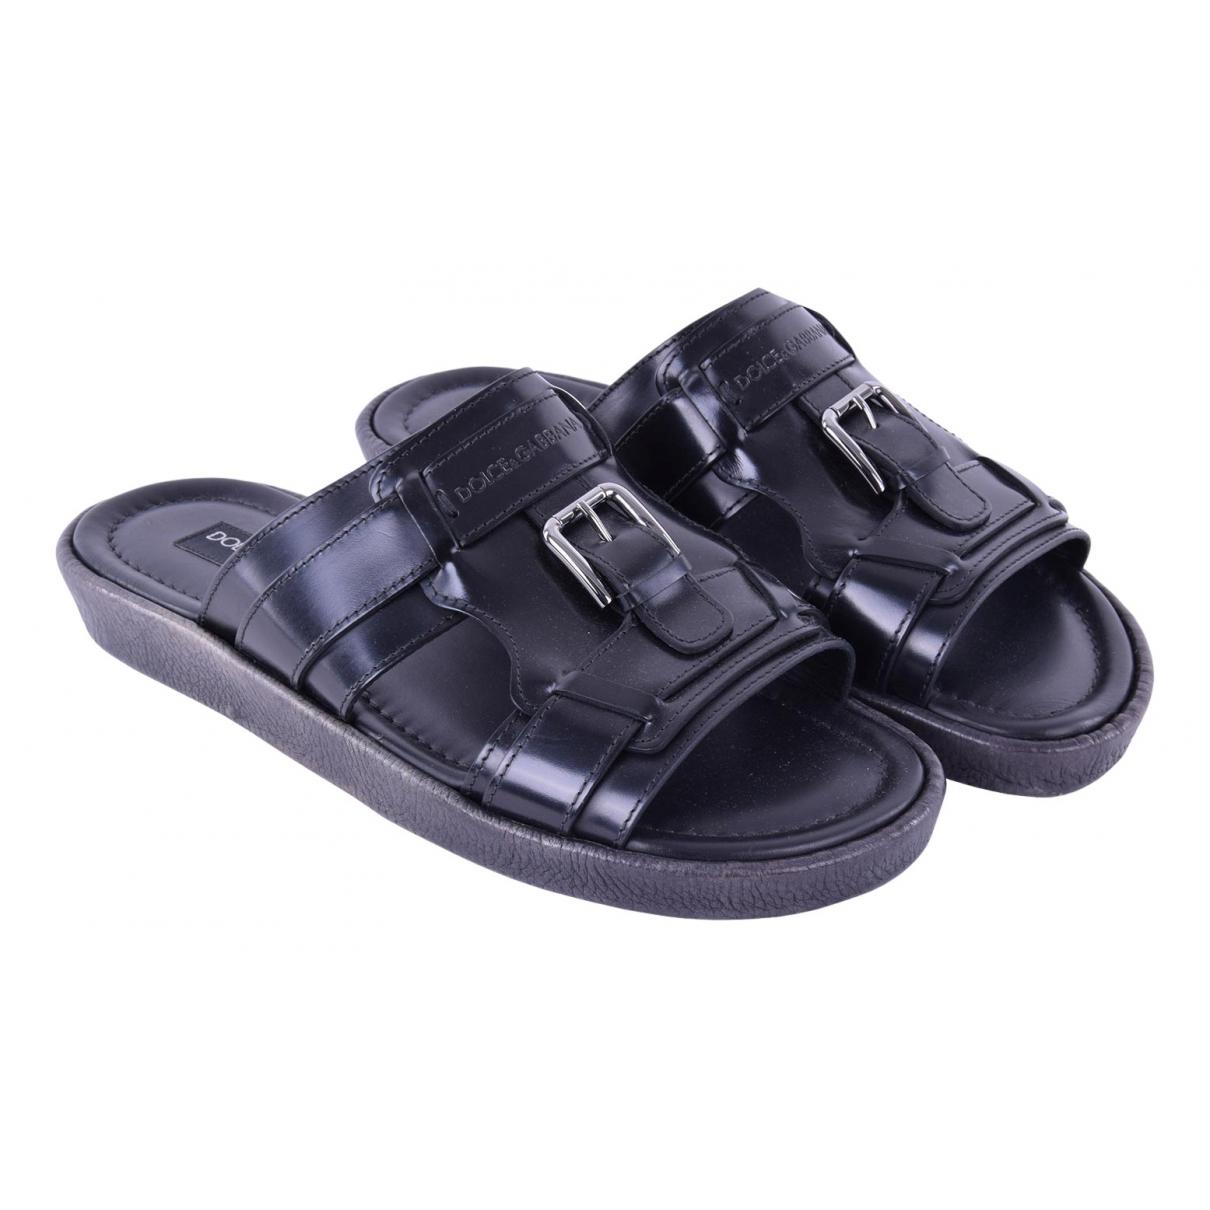 Dolce & Gabbana N Black Leather Sandals for Men 41 EU